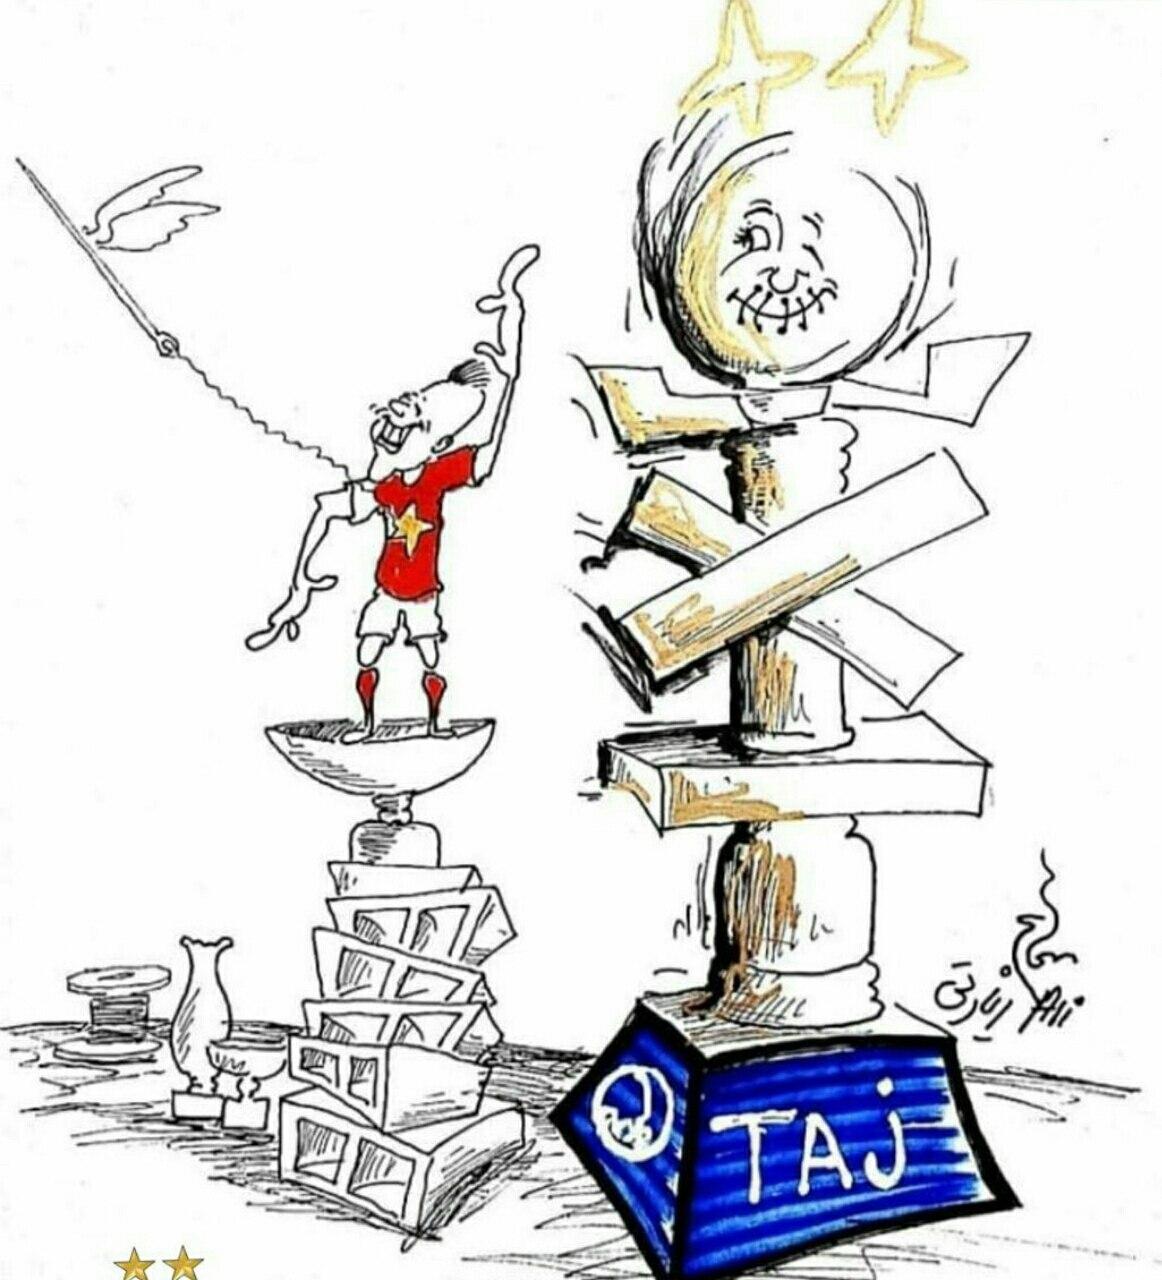 تمسخر کاپ قهرمانی های پرسپولیس با یک کاریکاتور جنجالی + عکس